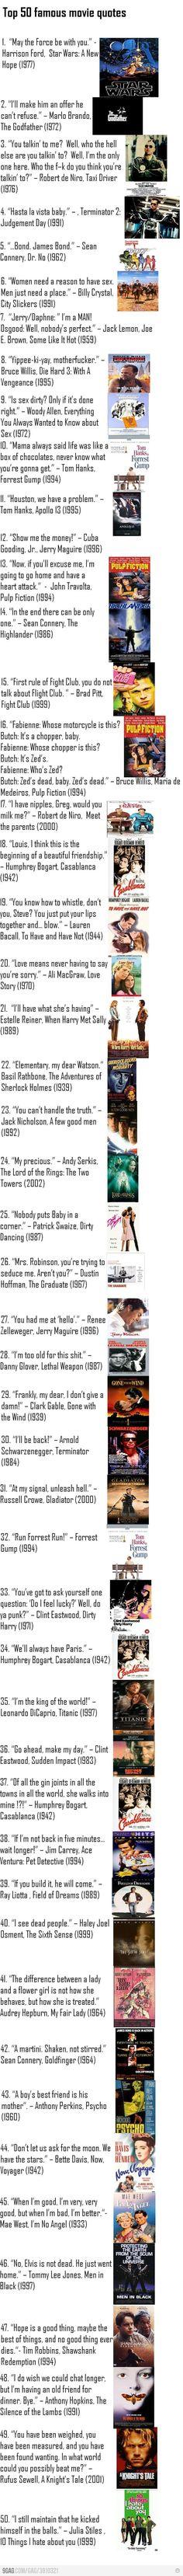 best movie quotes.